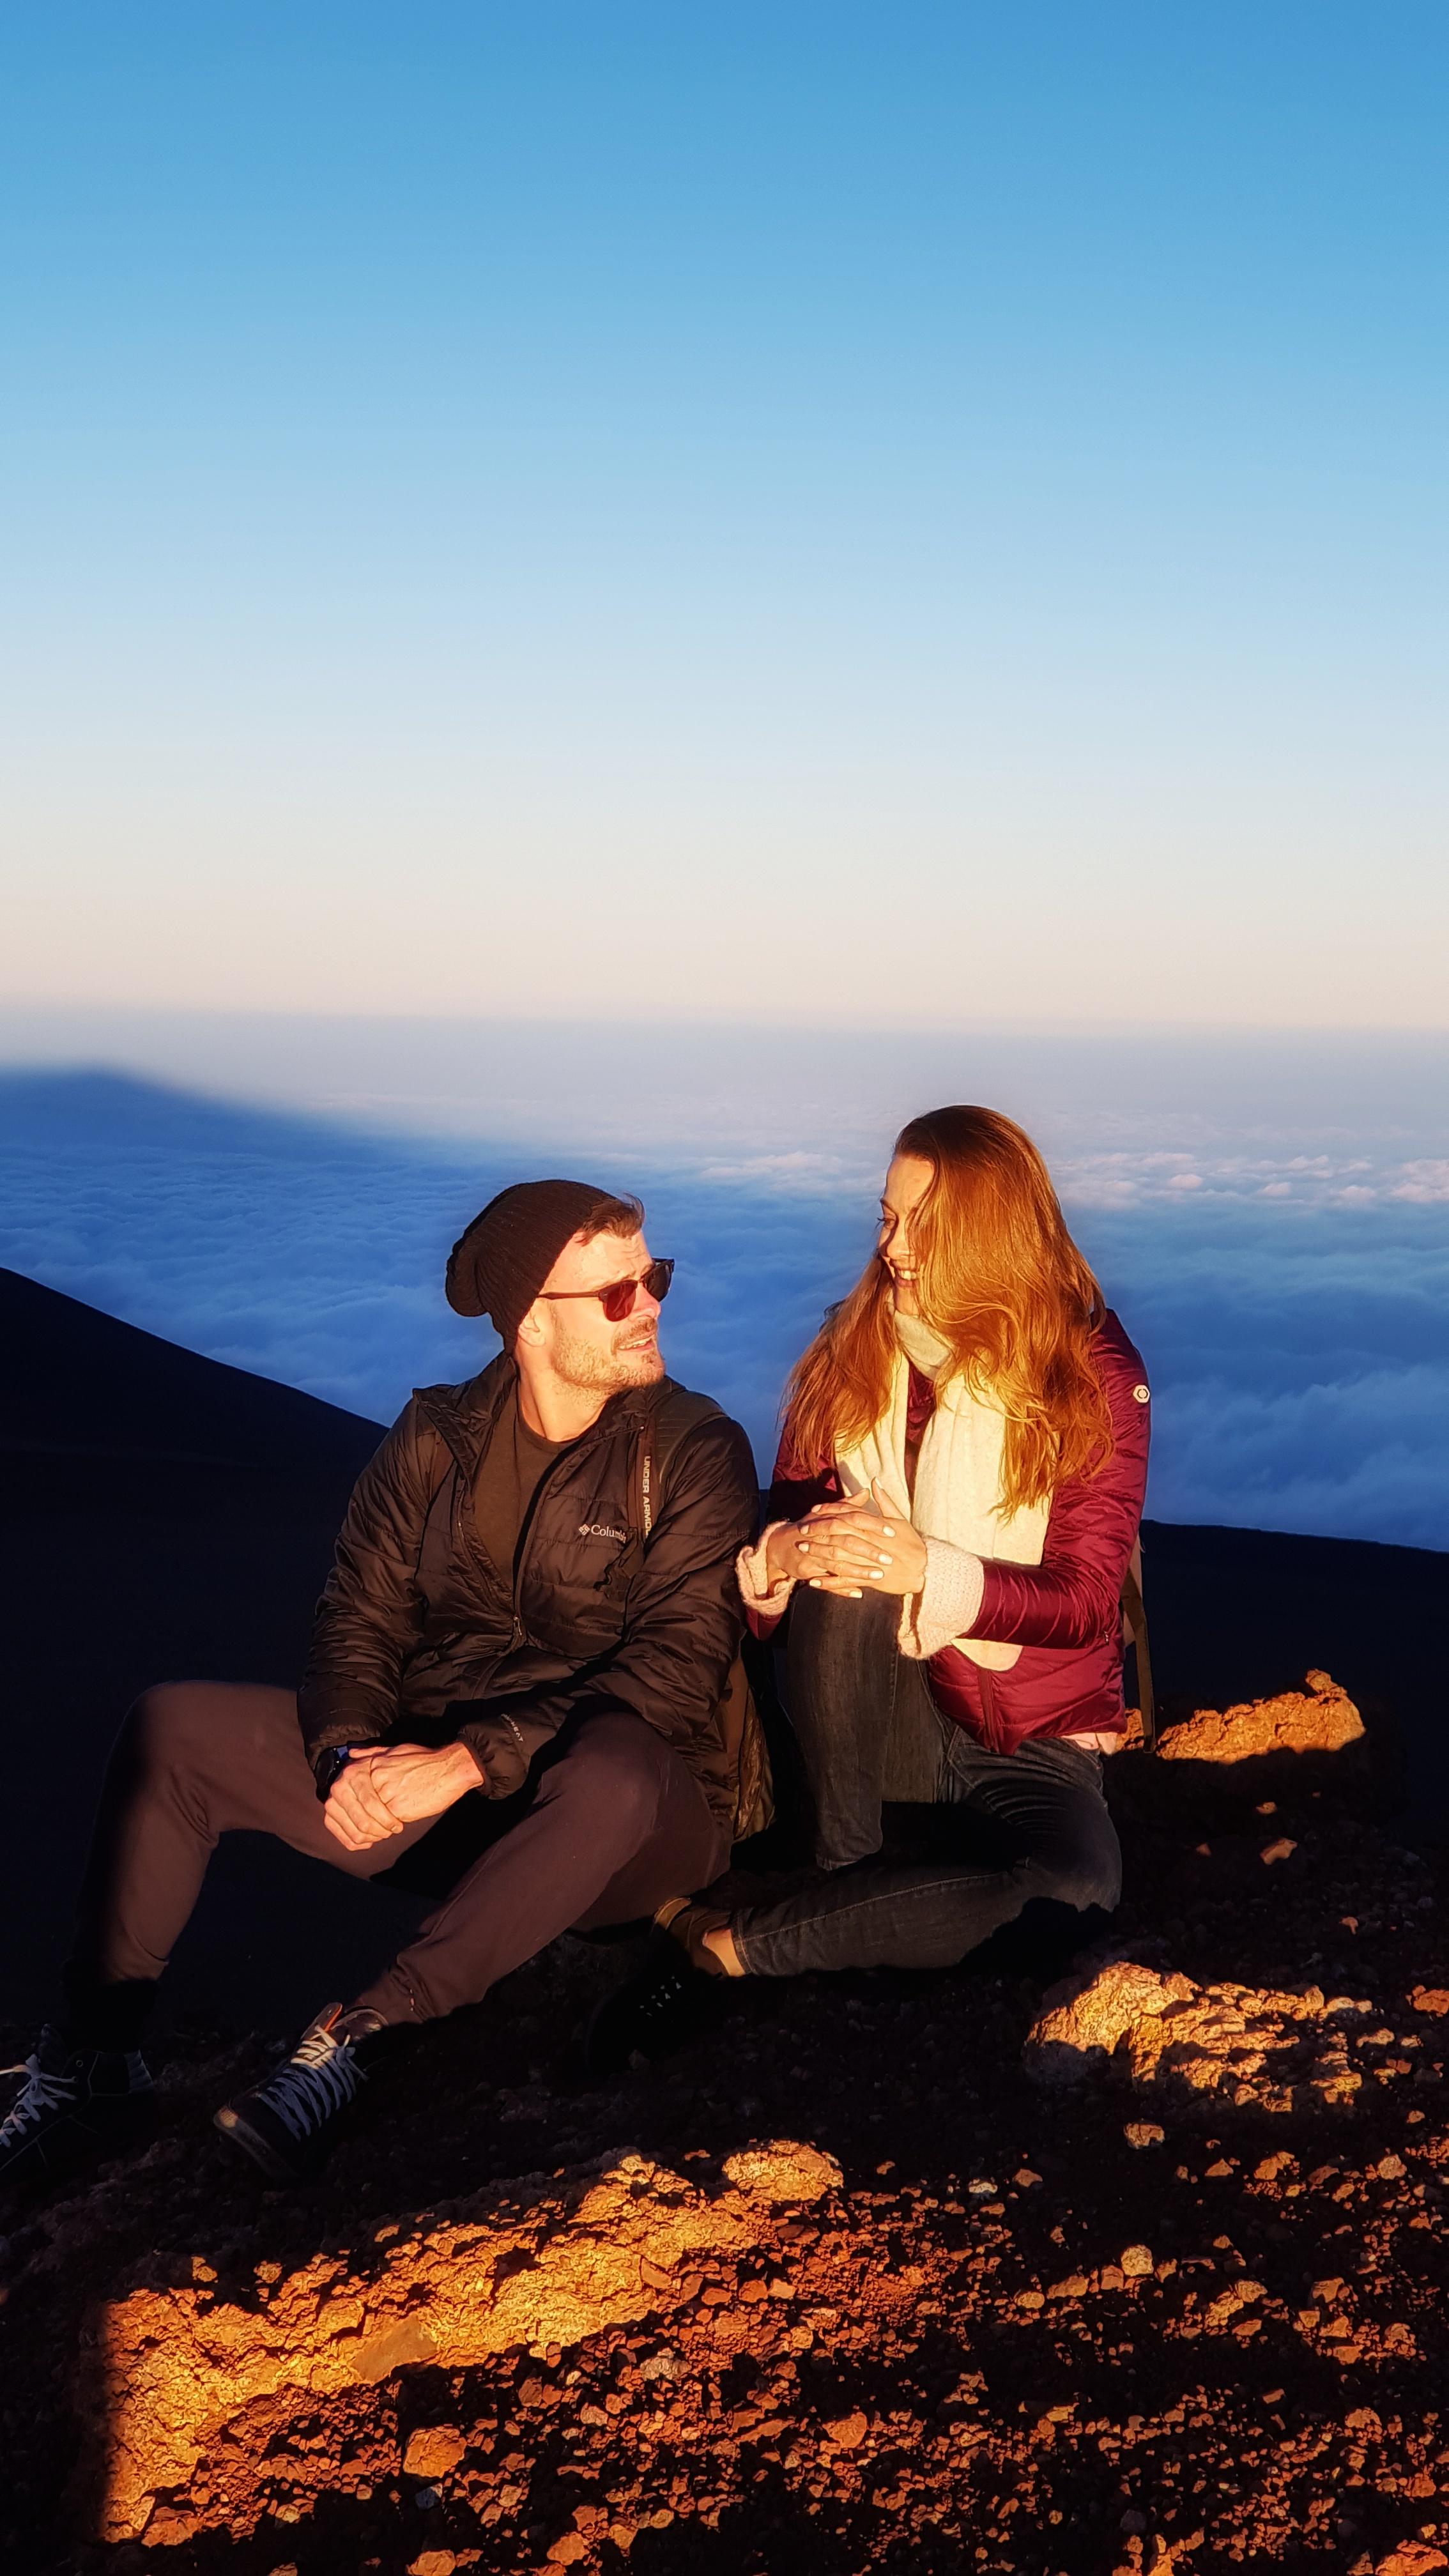 """Iš Havajų sugrįžę M. Rainys ir M. Jašinskytė: """"Kiekvienos atostogos yra tam tikras iššūkis"""""""